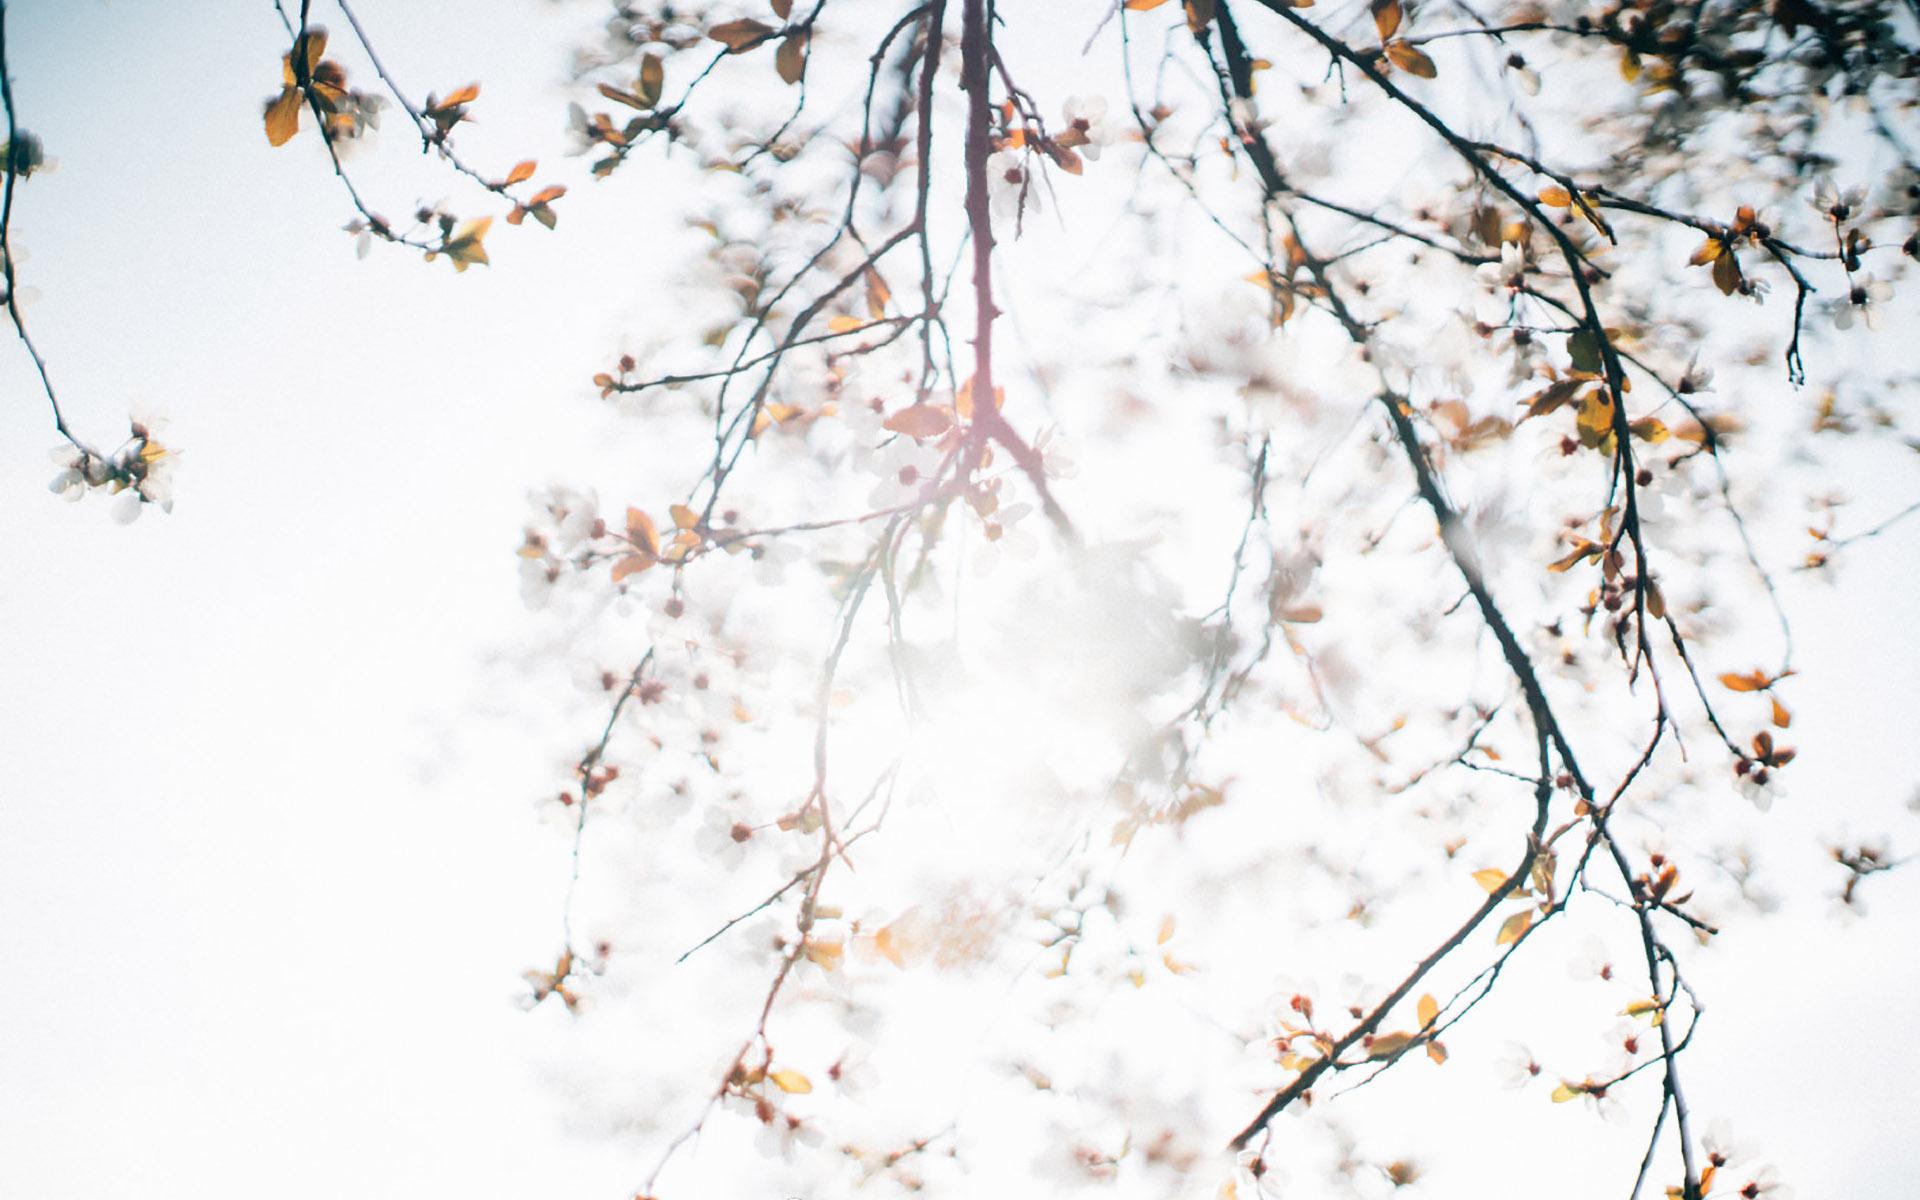 清新夏日风景唯美花卉简约桌面壁纸